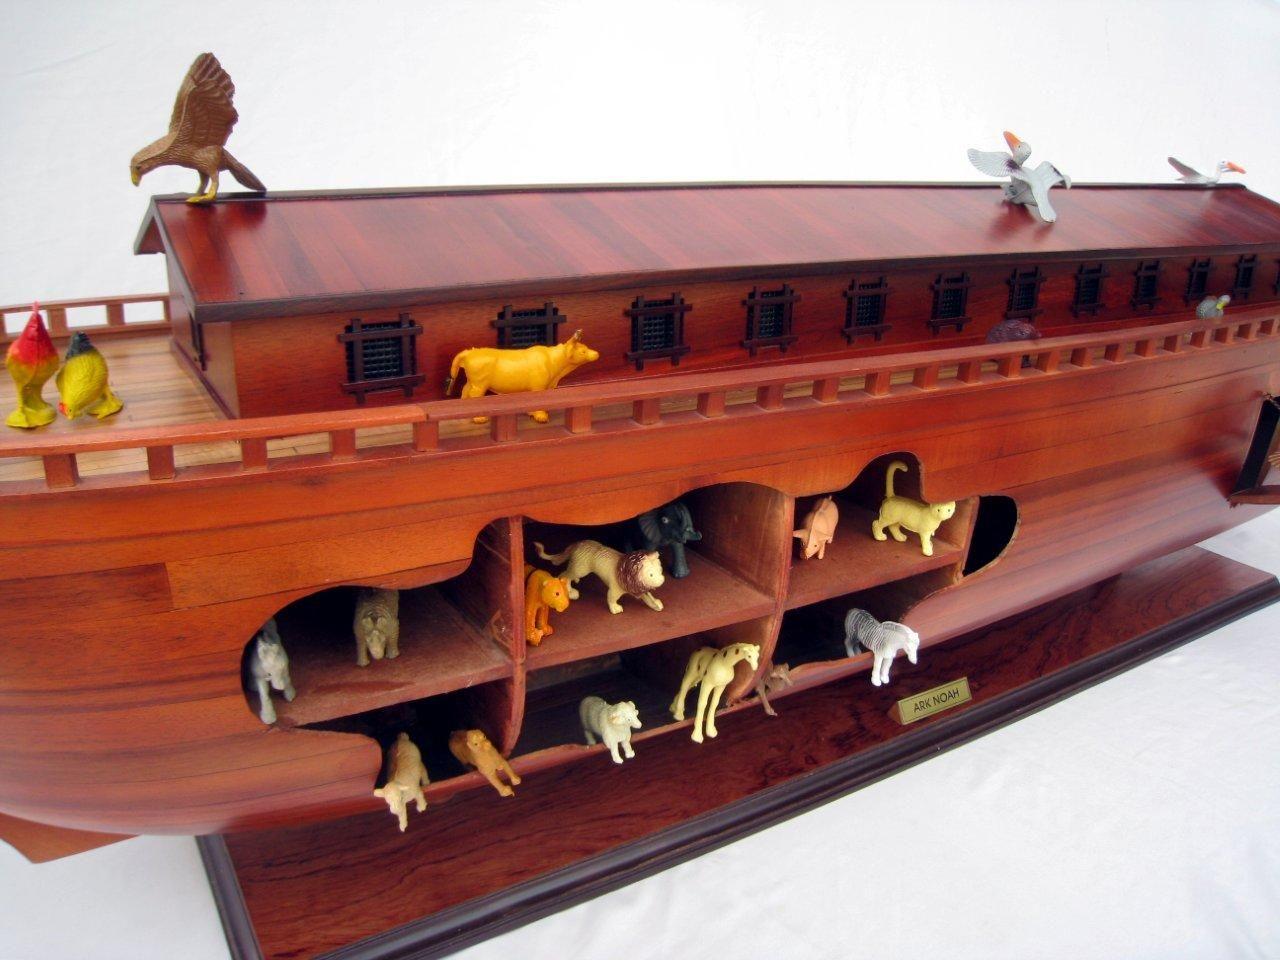 2043-12565-Noahs-Ark-Model-Boat